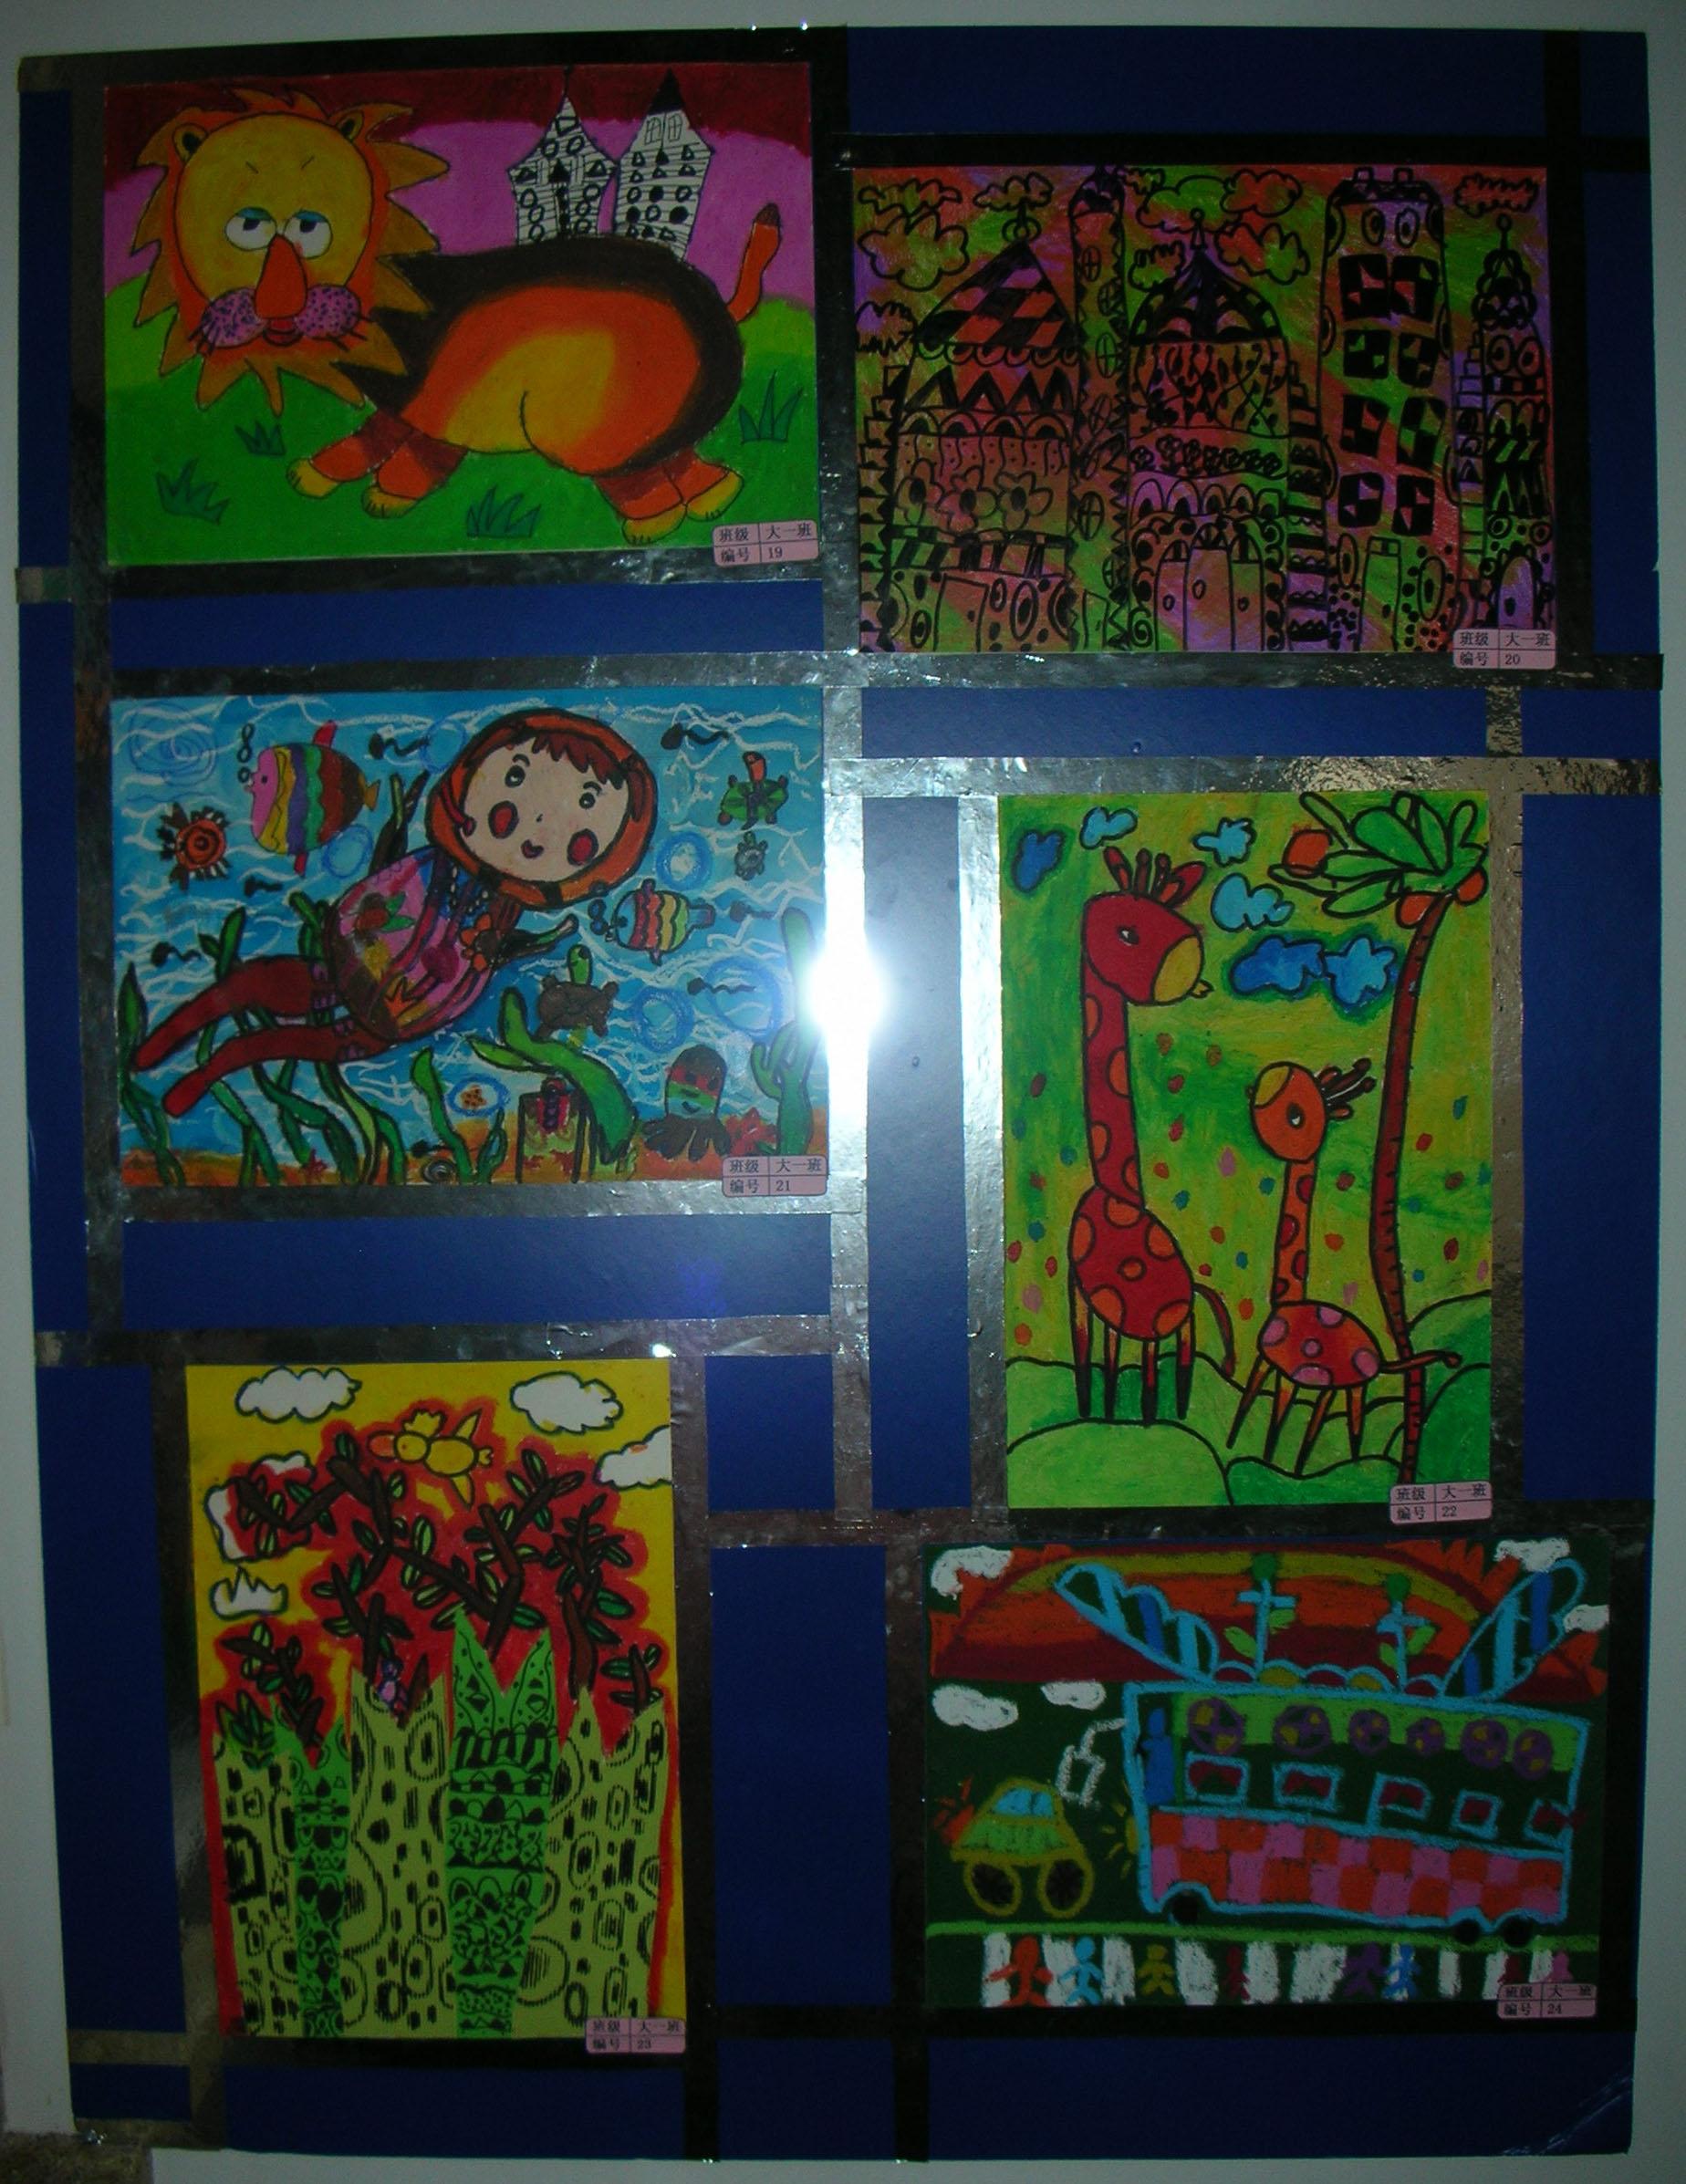 幼儿园画展